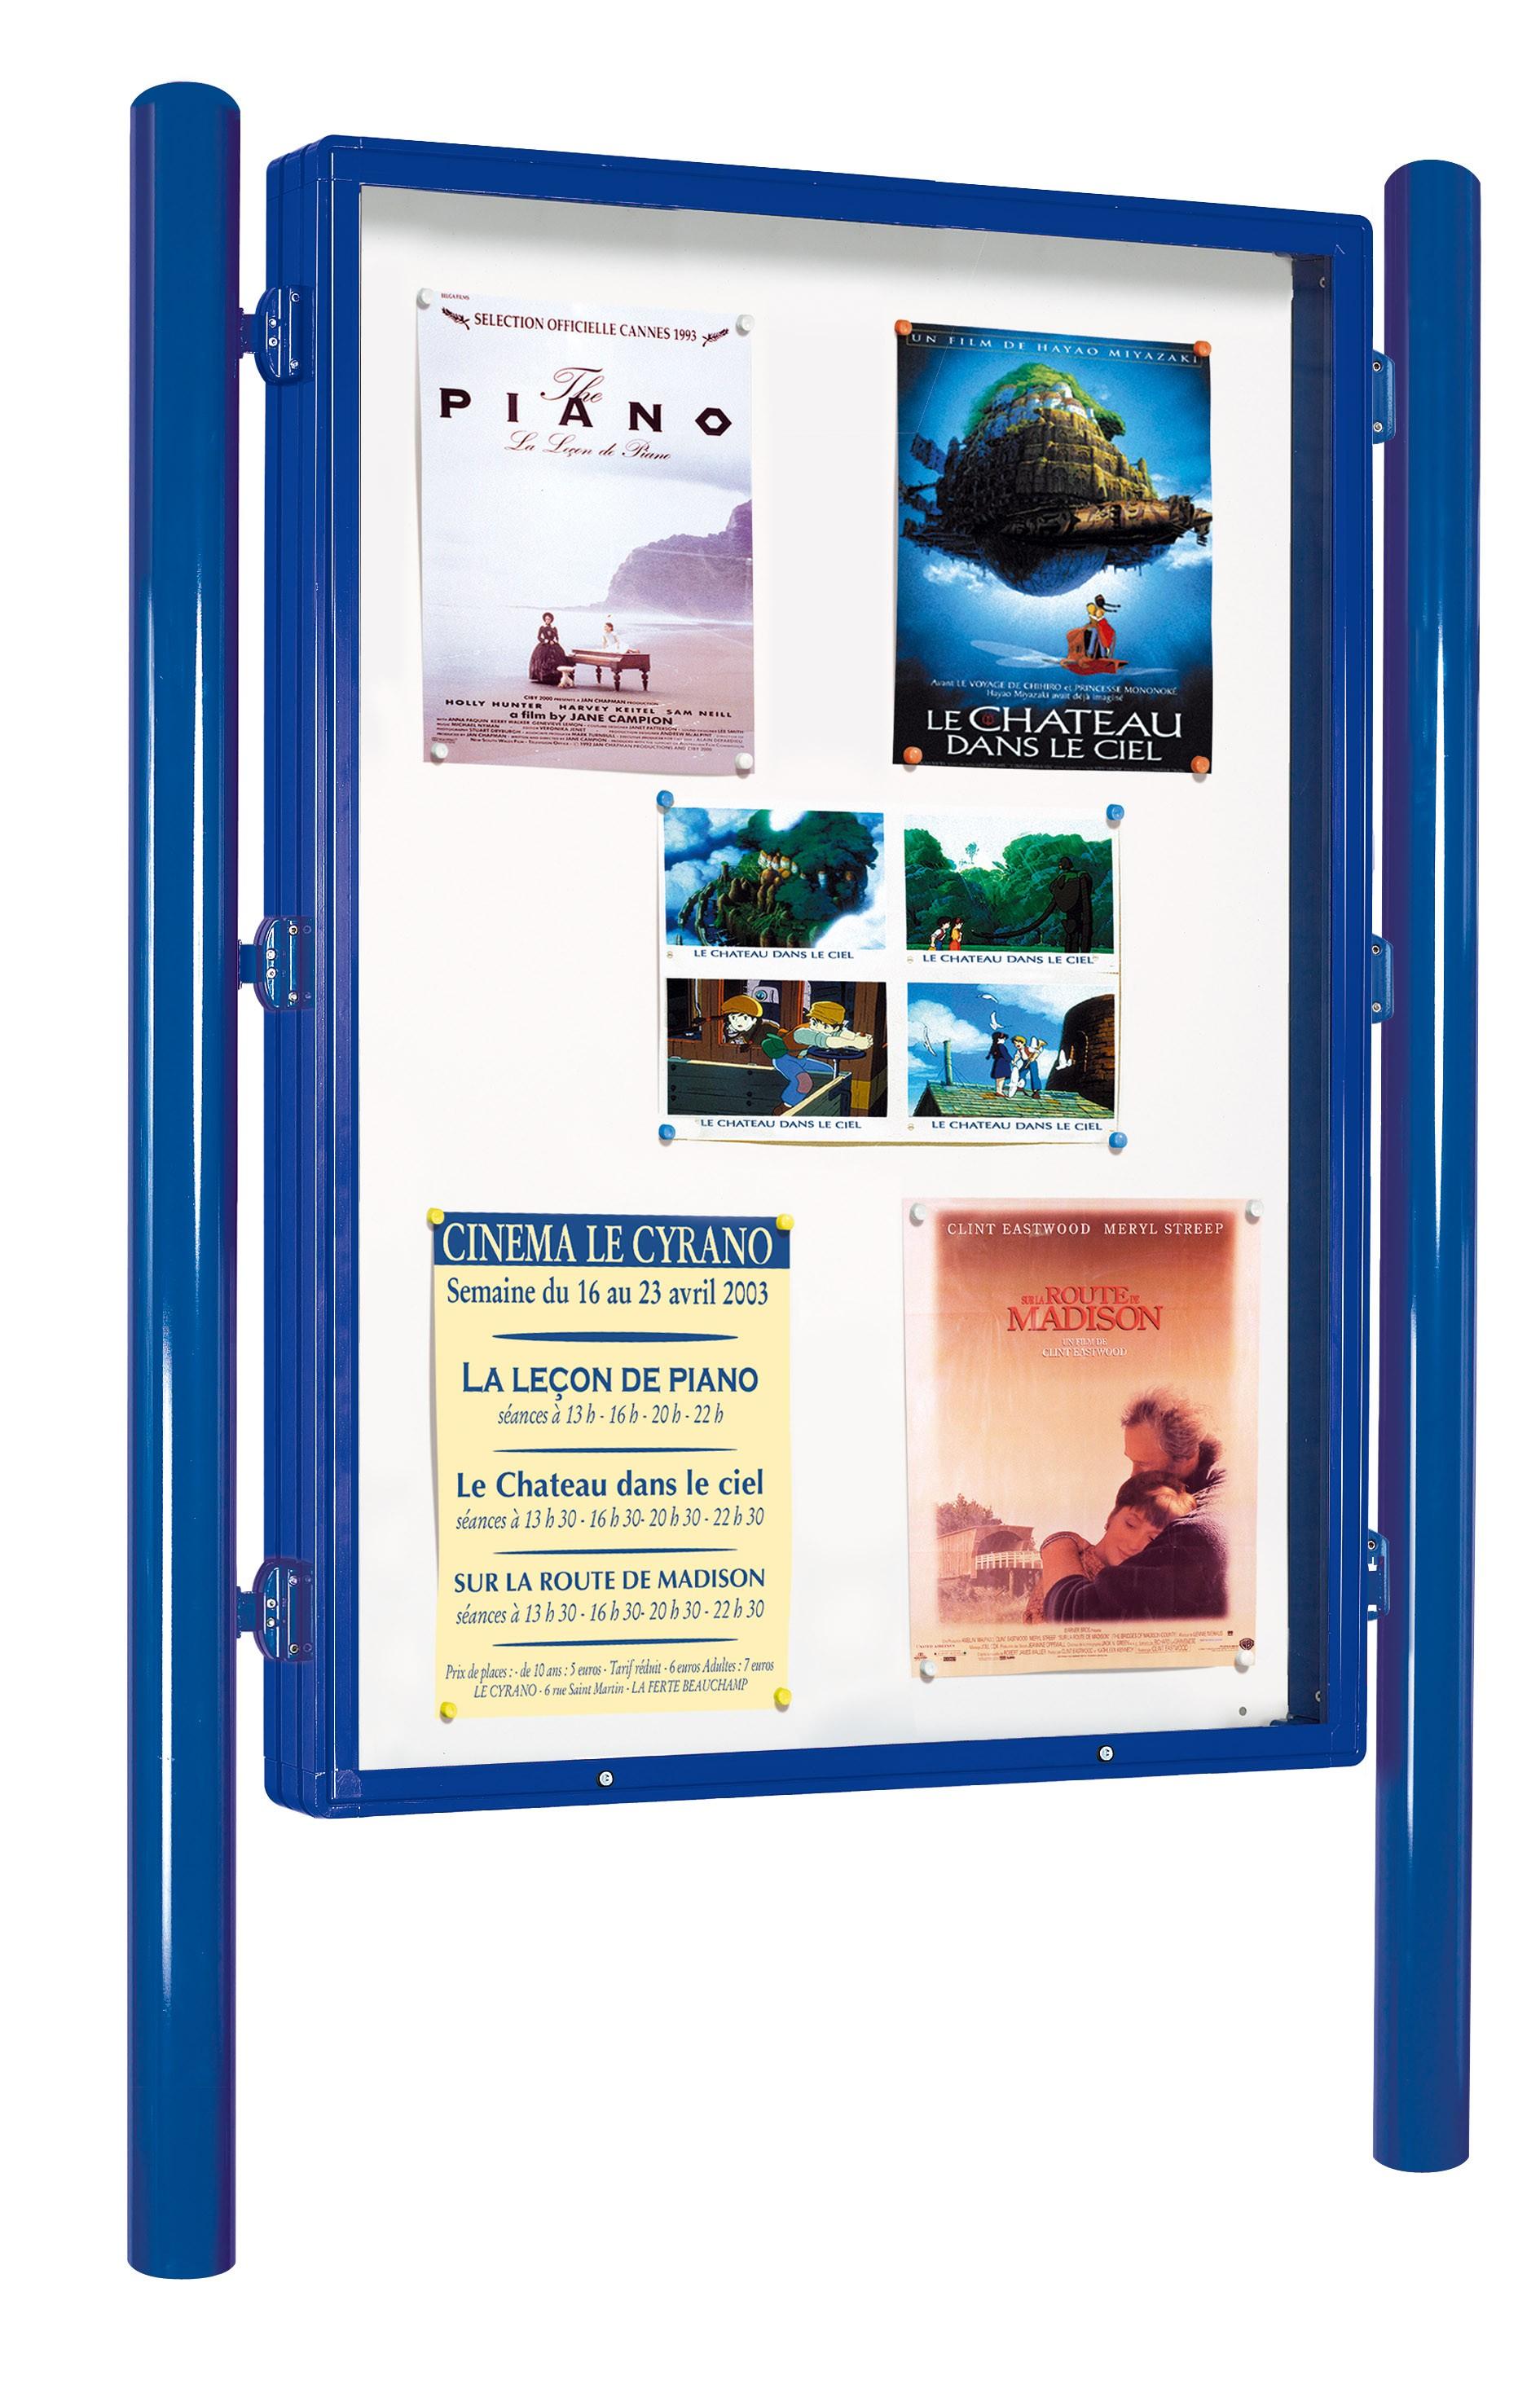 Tableau D Affichage Vitré panneau d'affichage vitré, tableau d'affichage vitré